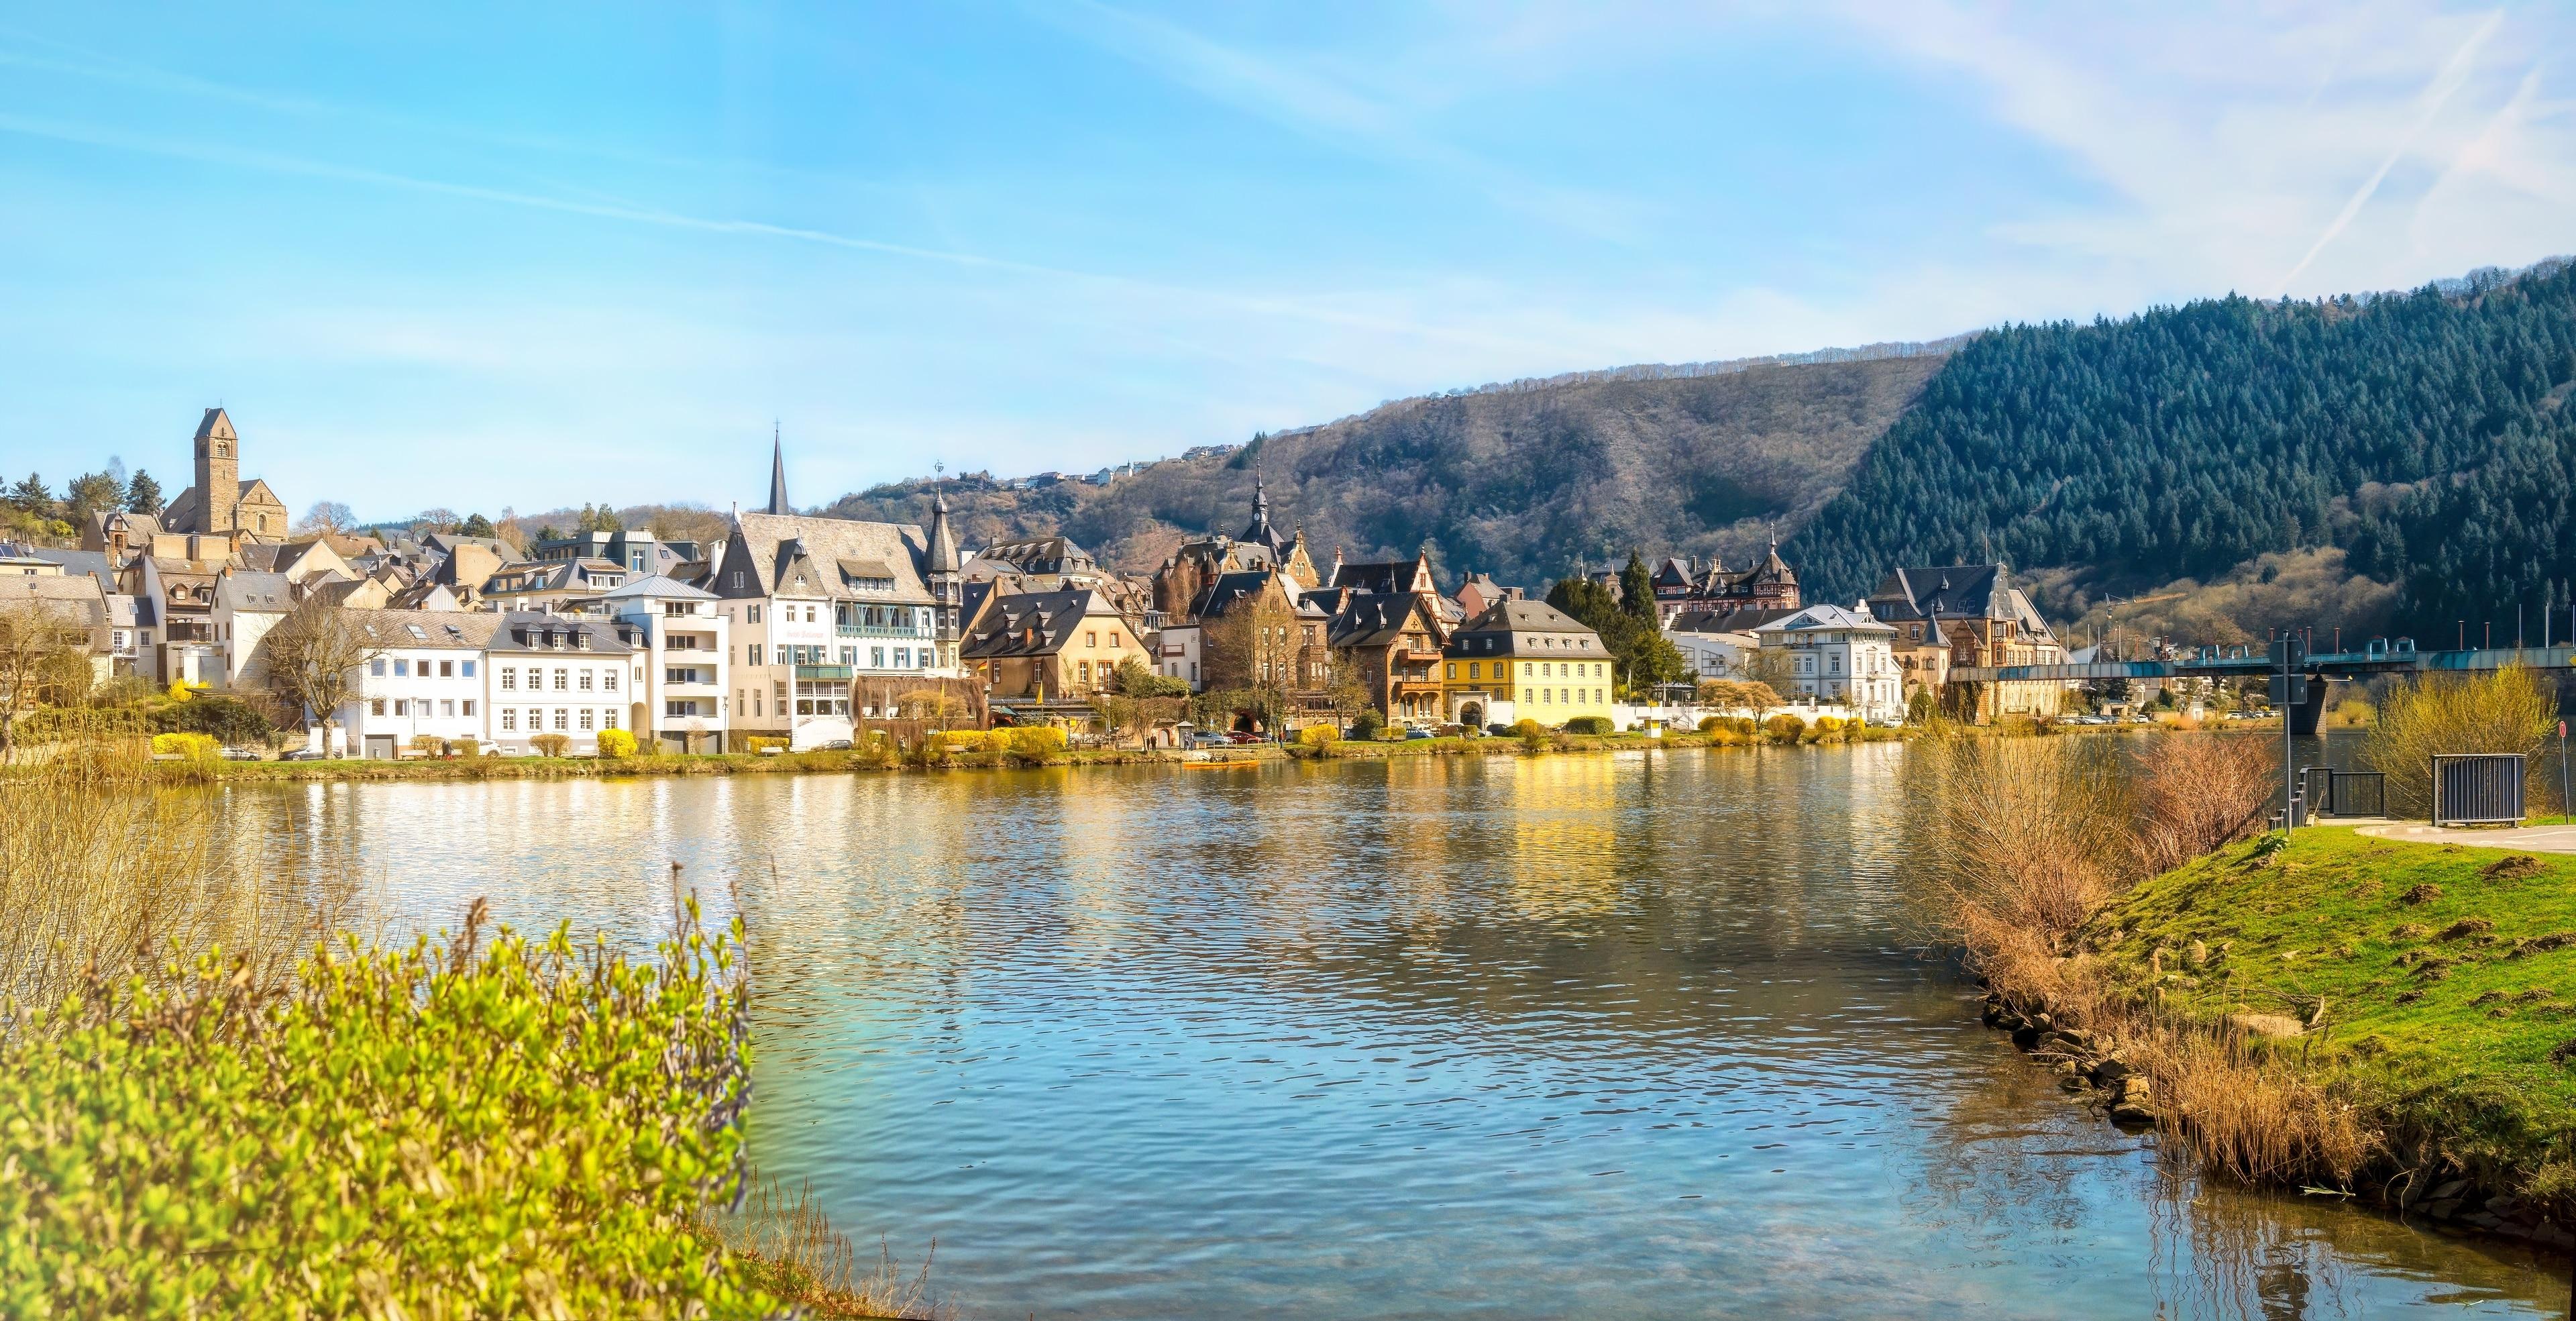 Traben-Trarbach, Rheinland-Pfalz, Deutschland